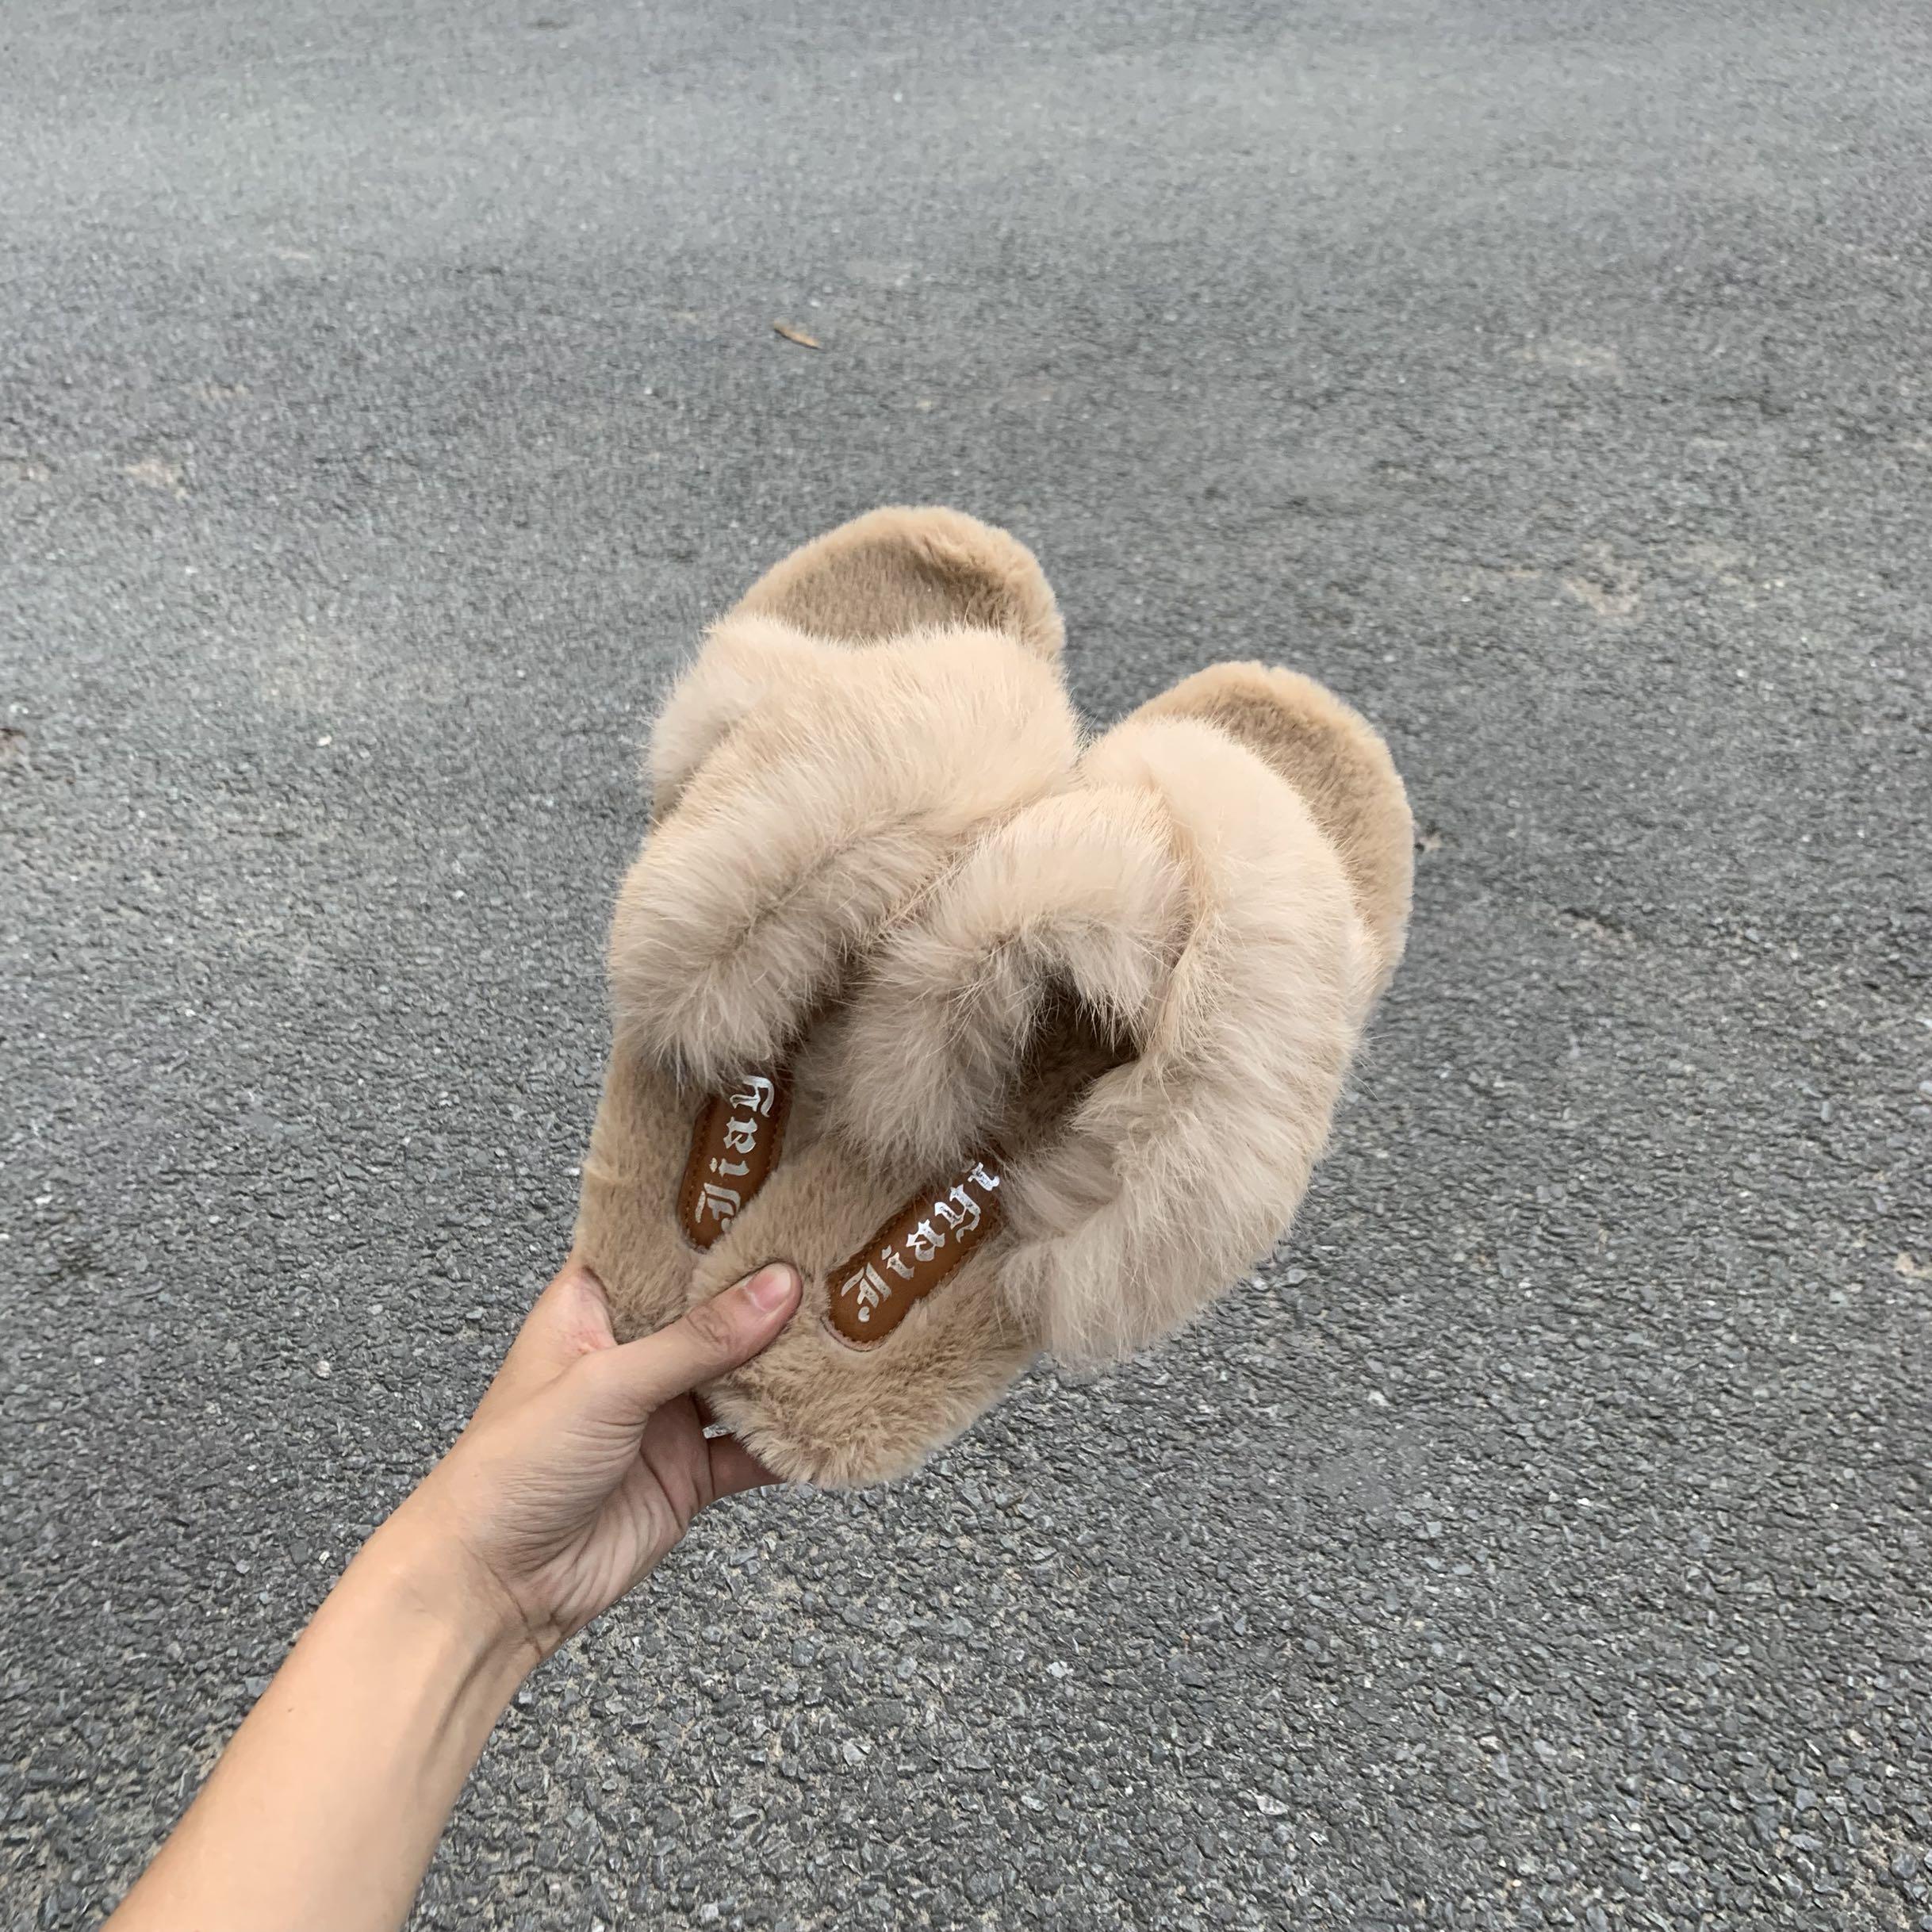 实拍 毛毛拖鞋女夏2018新款外穿时尚韩版包头平底社会秋冬-Nikki-